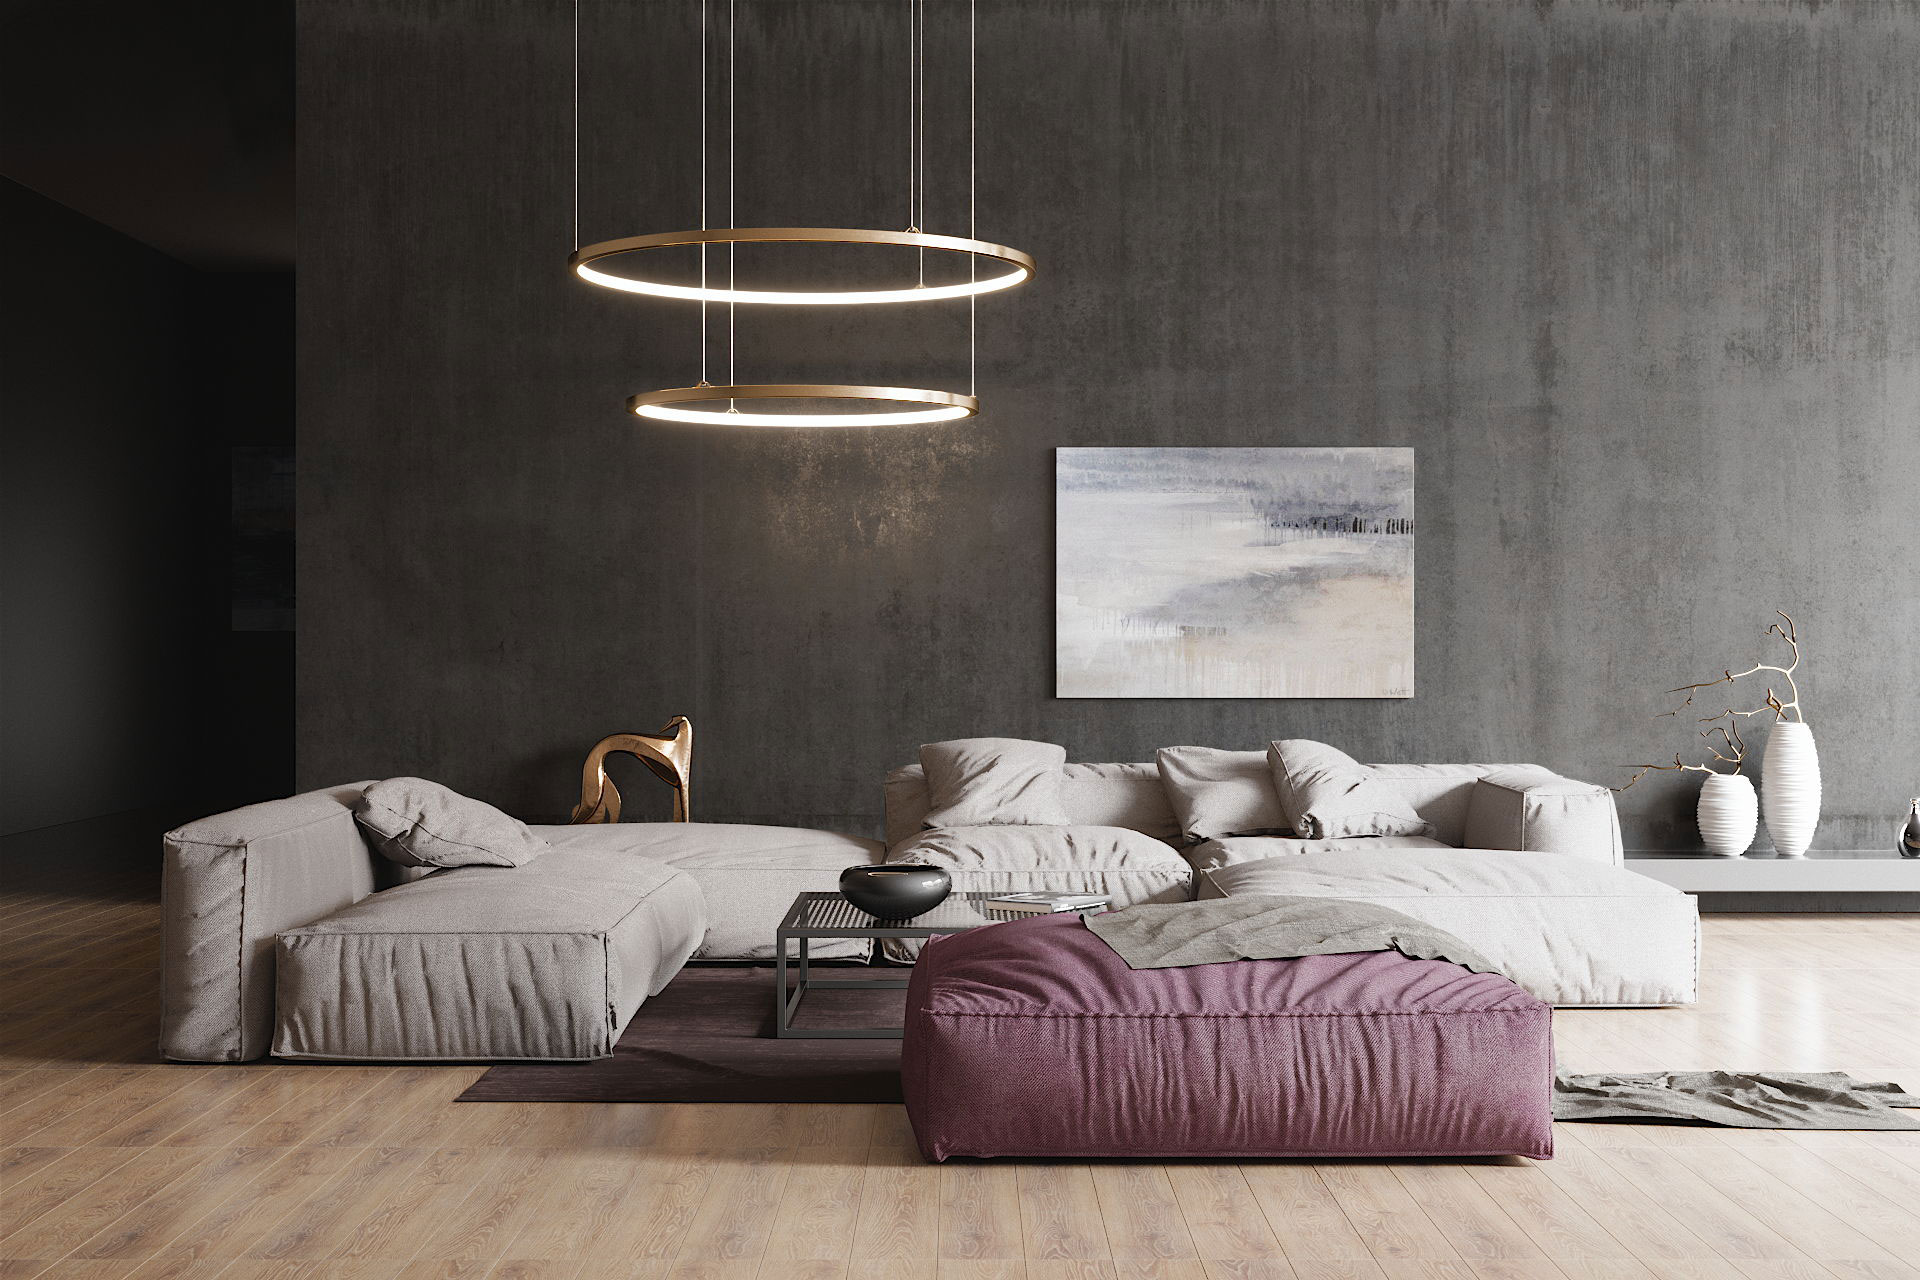 A 3D Model of a Modern Sofa